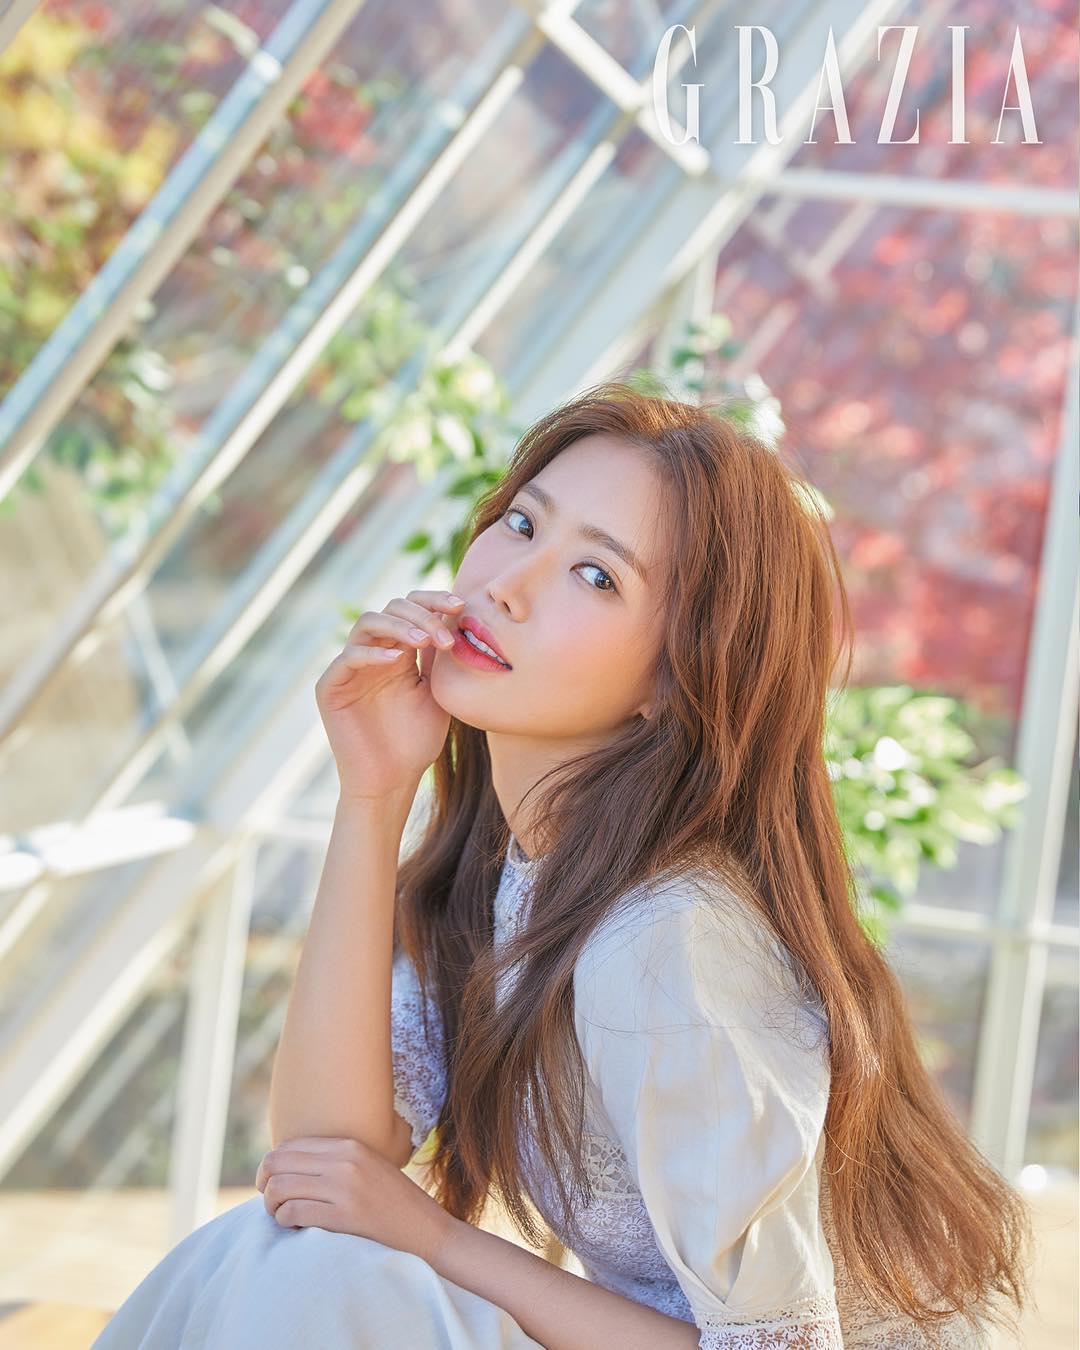 她们都30岁了?朴信惠、朴宝英,这些1990年出生的韩国女星,你都认识吗?插图13